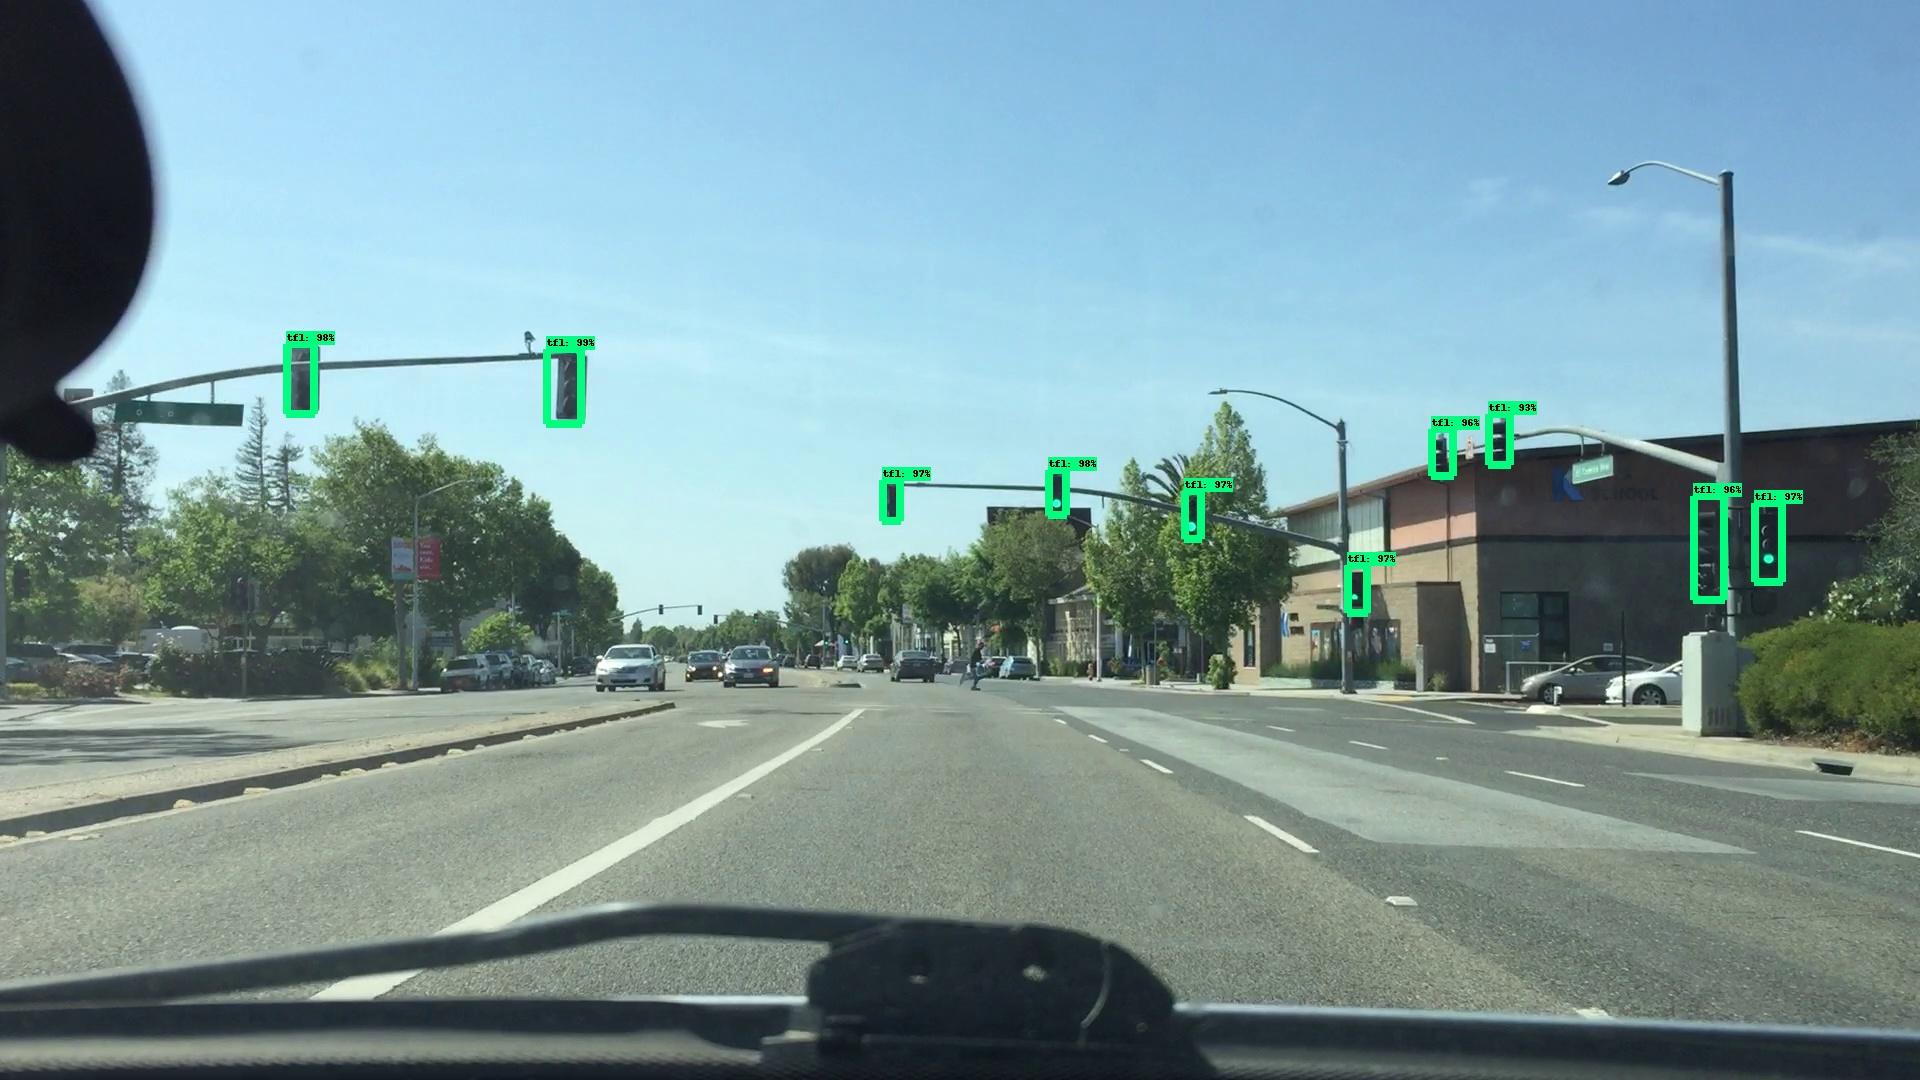 Traffic-light-computer-vision-lvl5